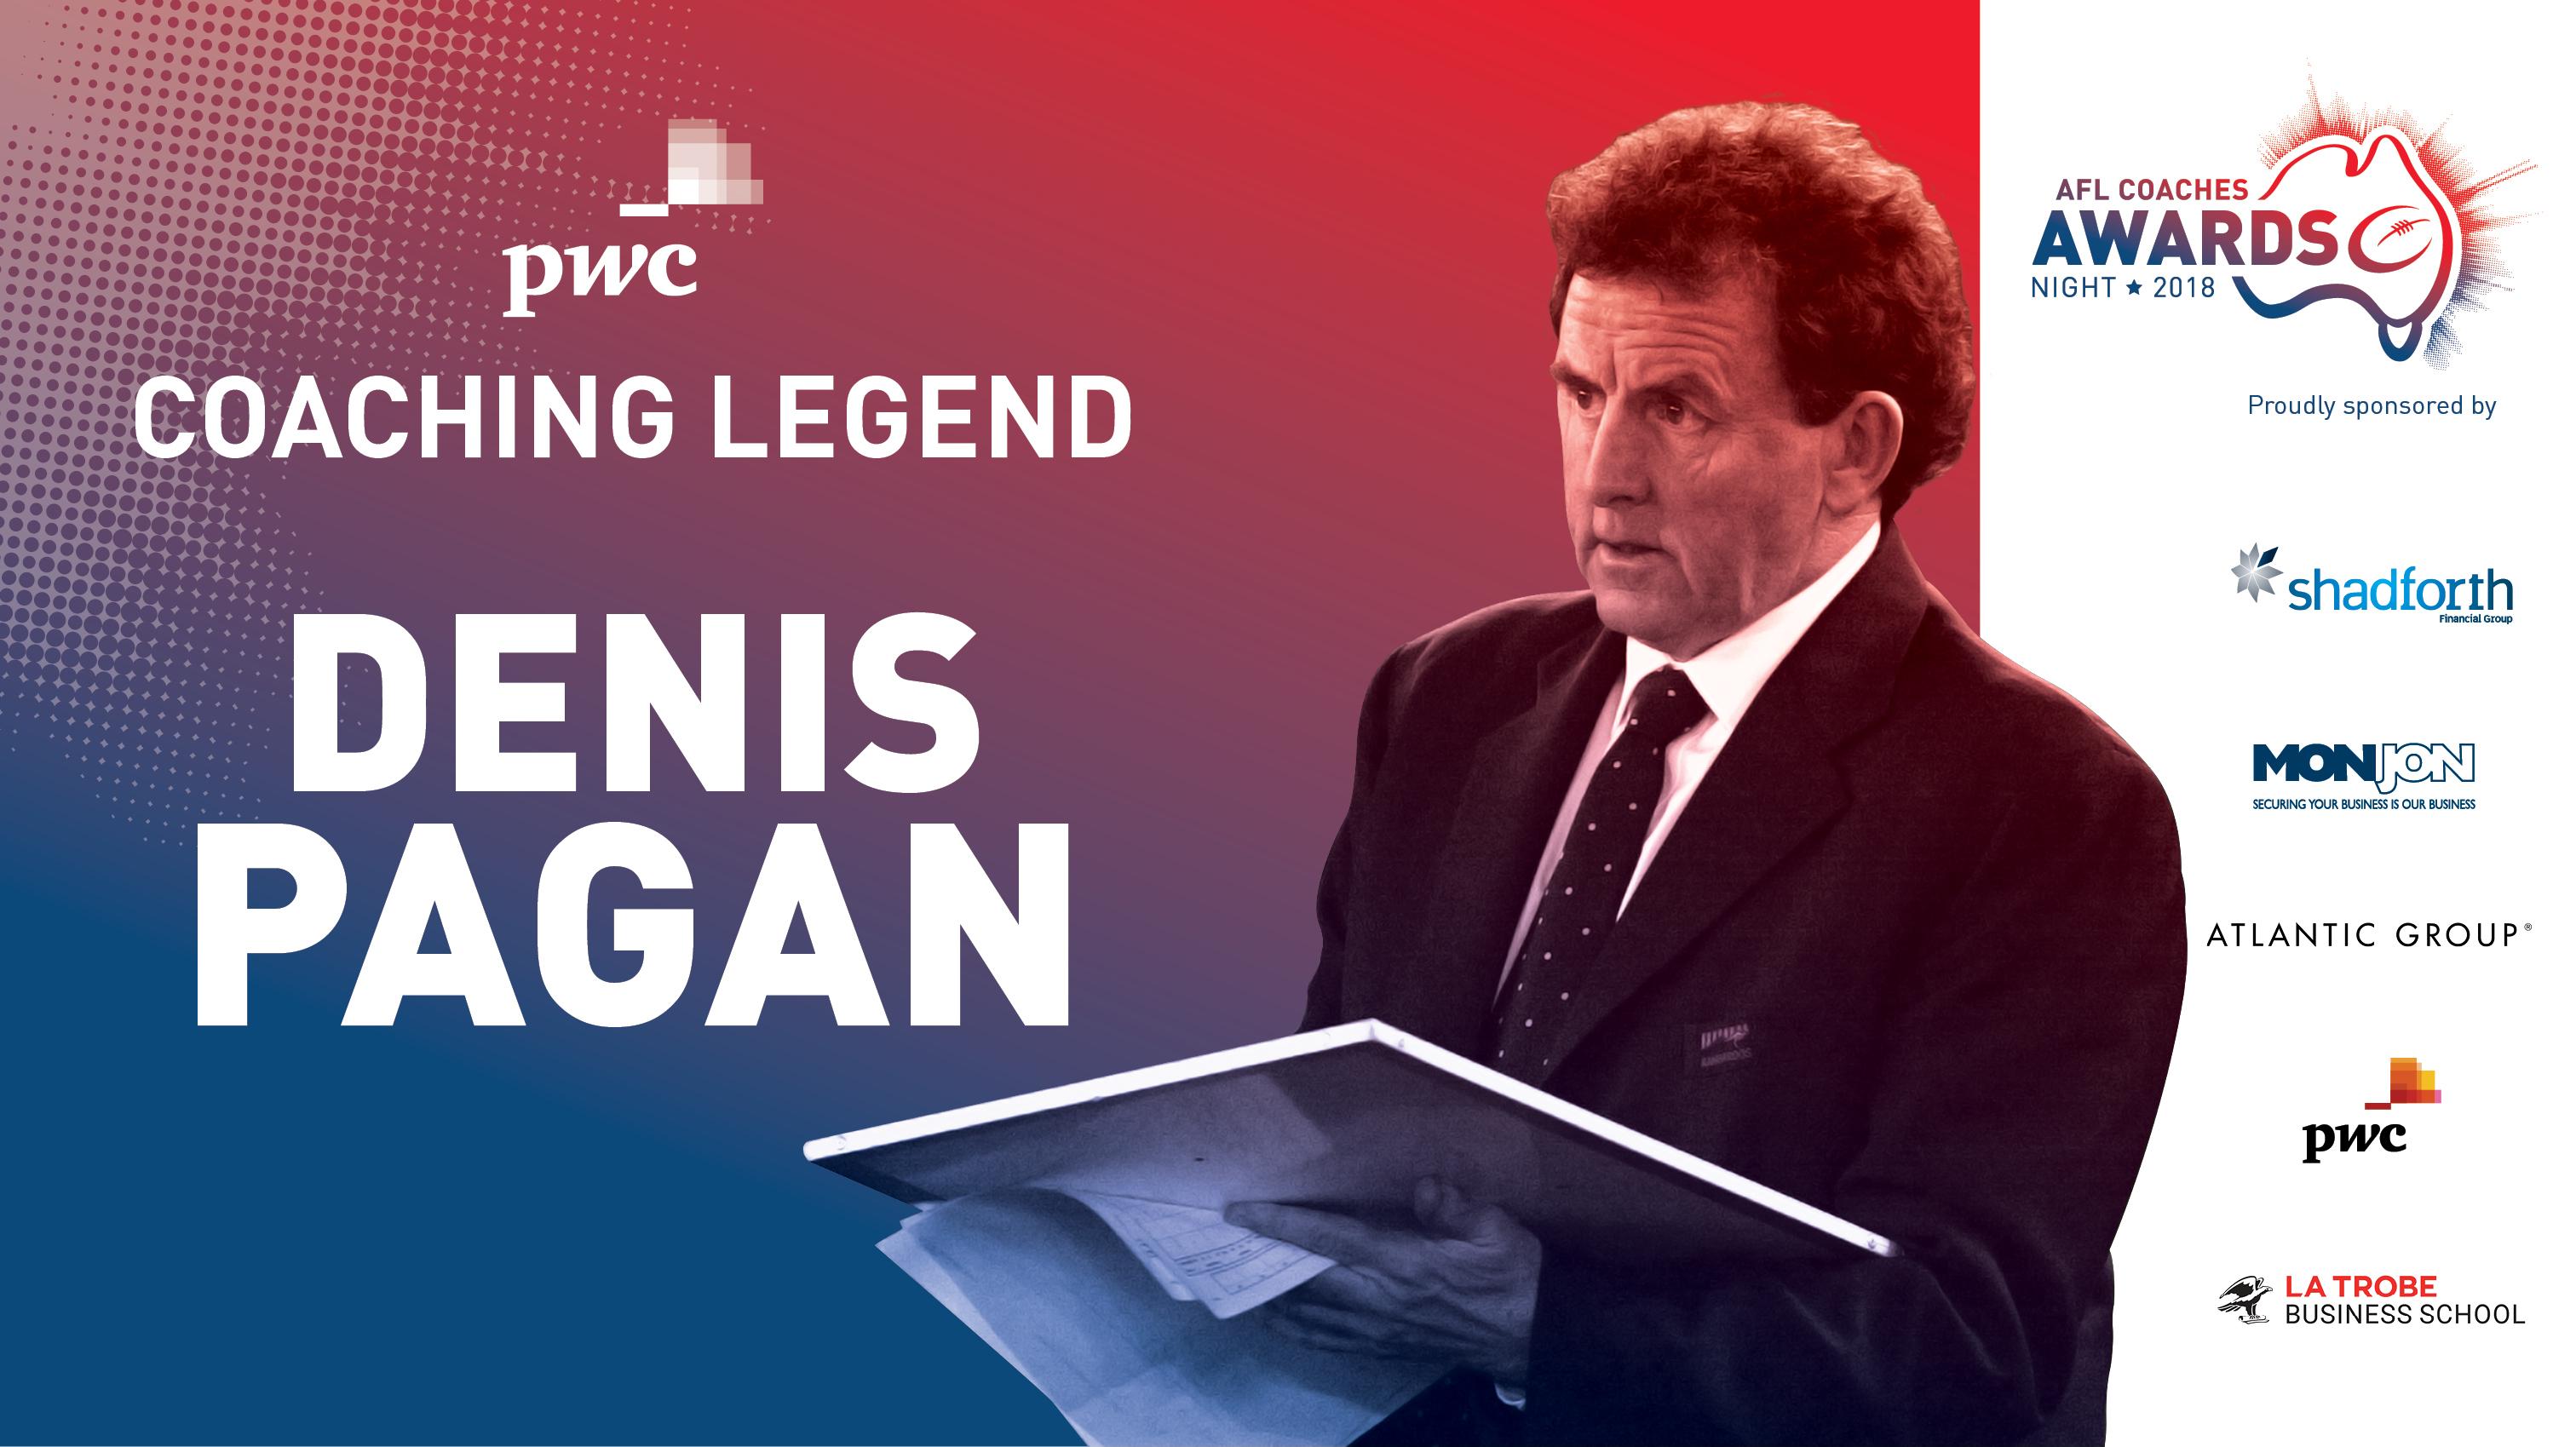 PwC Coaching Legend